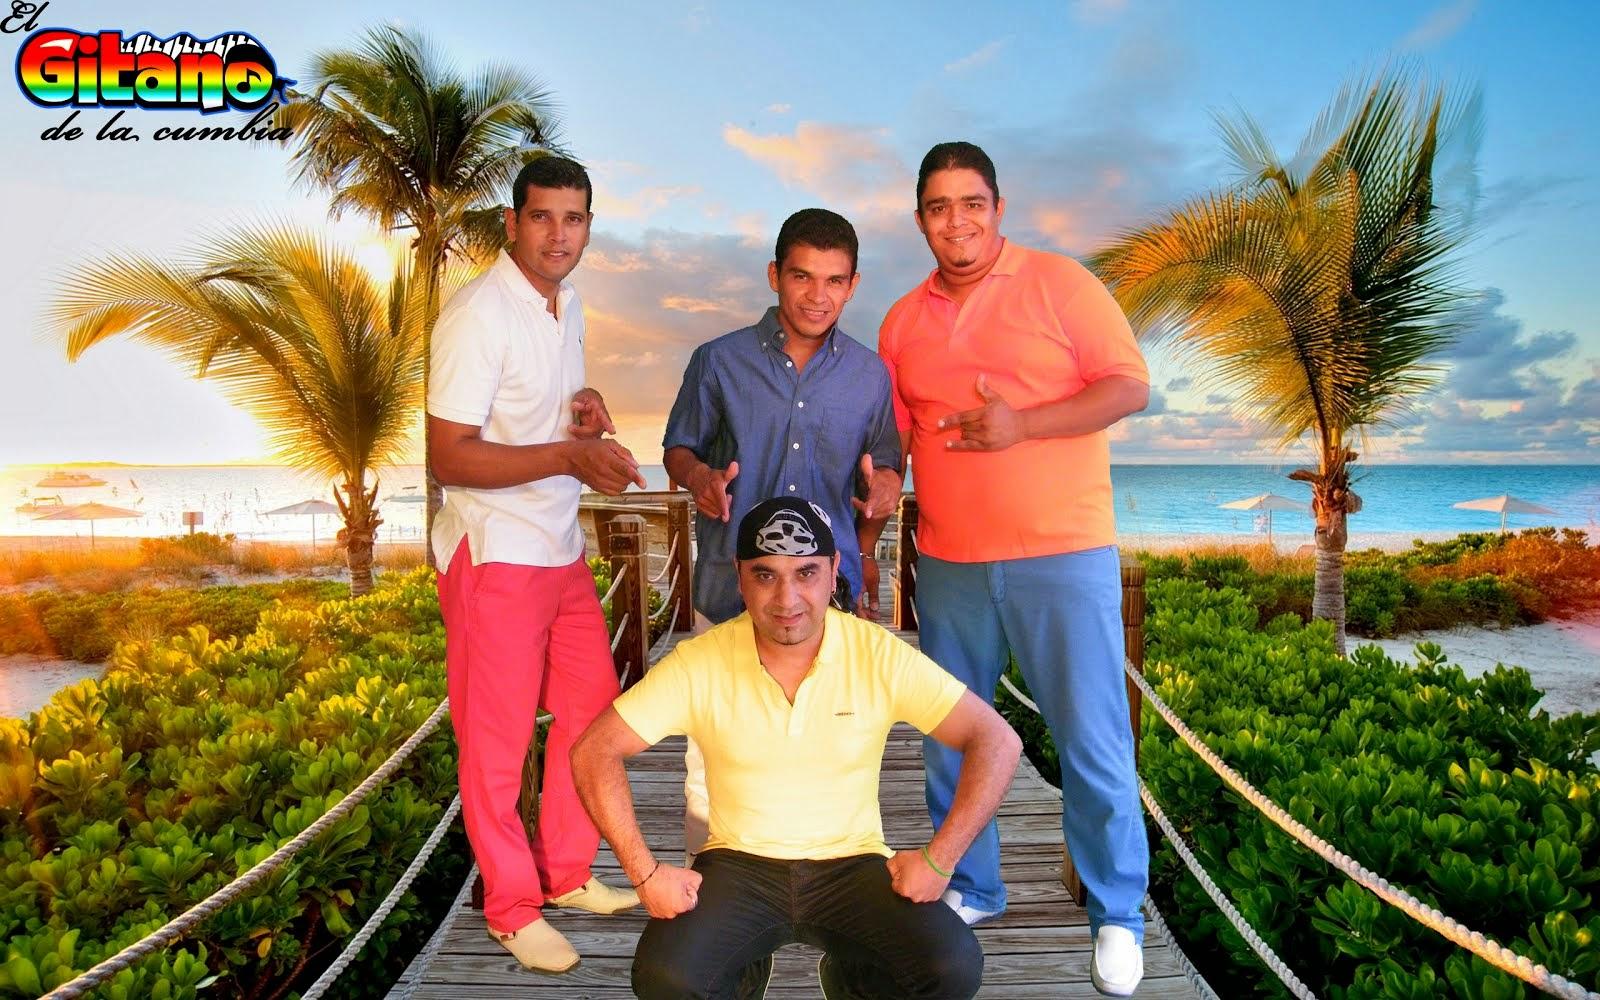 Gitano de la Cumbia